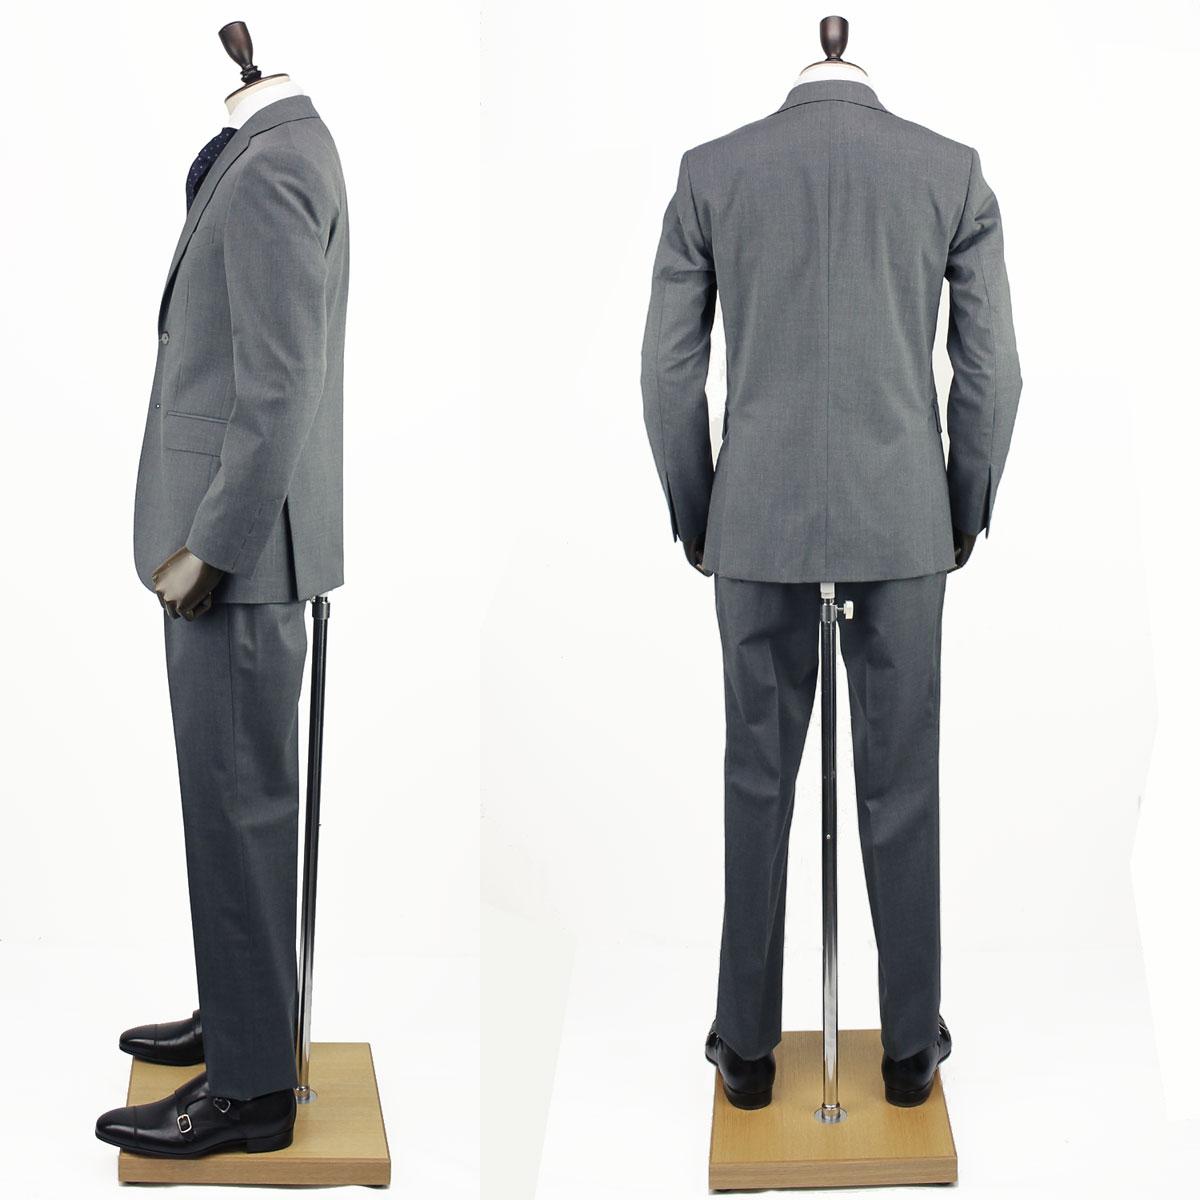 【決算売尽しセール50%OFF】SANTANIELLO サンタニエッロ メンズ ウール ストレッチ 2B シングルスーツ V529/E1511/11/SAM 011 (ライトグレー)【返品交換不可】special priceBM